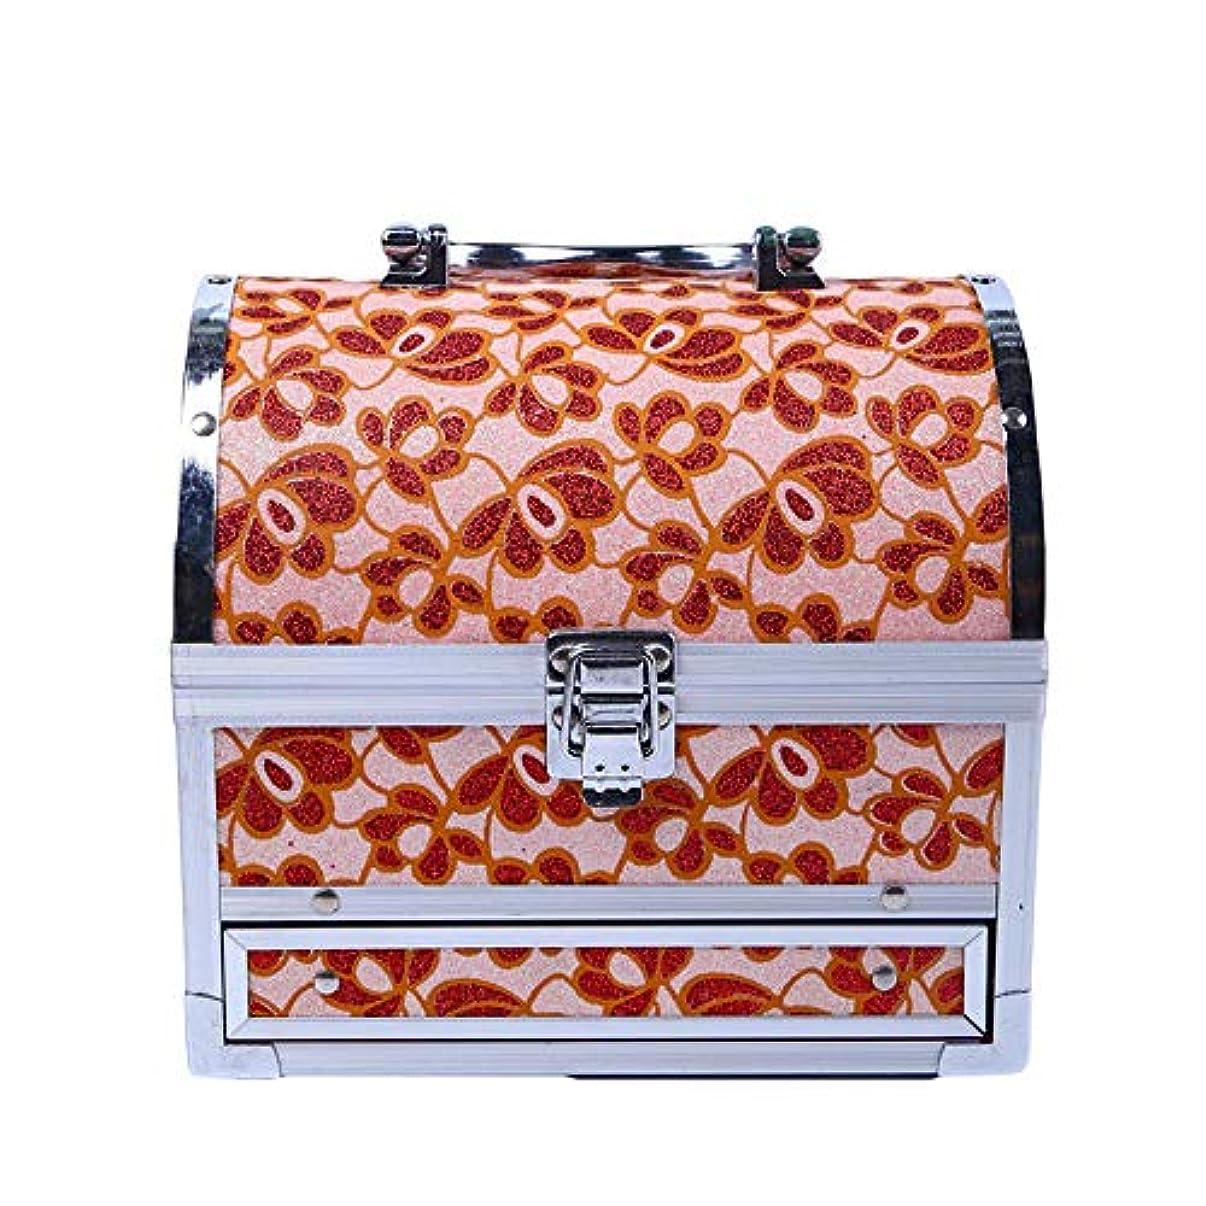 反逆者乳白色お尻化粧オーガナイザーバッグ 美容メイクアップのための大容量ポータブル化粧ケース、女性化粧ミラー付きのロック付き女性旅行と毎日の保管 化粧品ケース